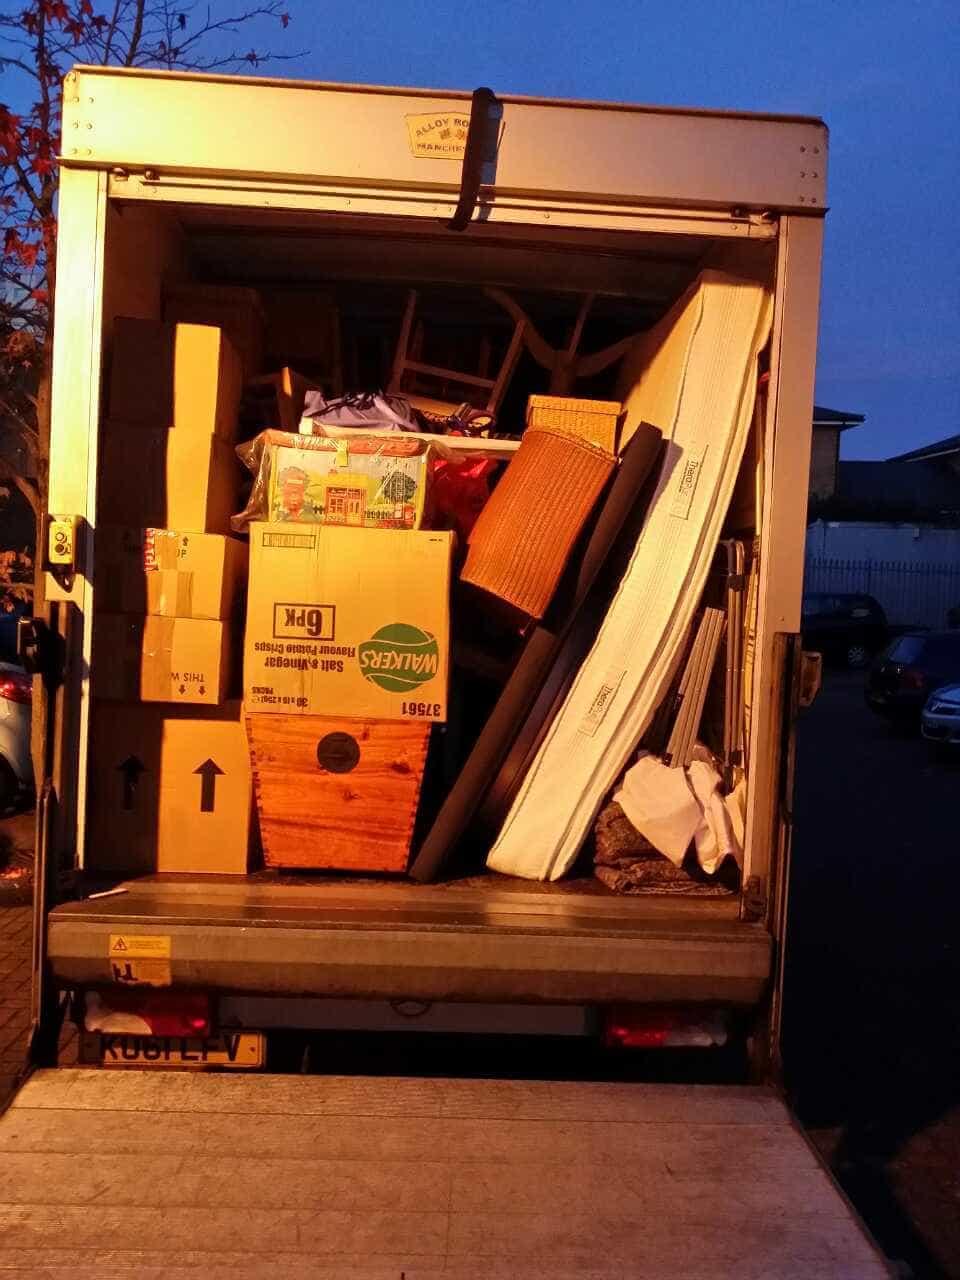 EN7 van for hire in Goff's Oak